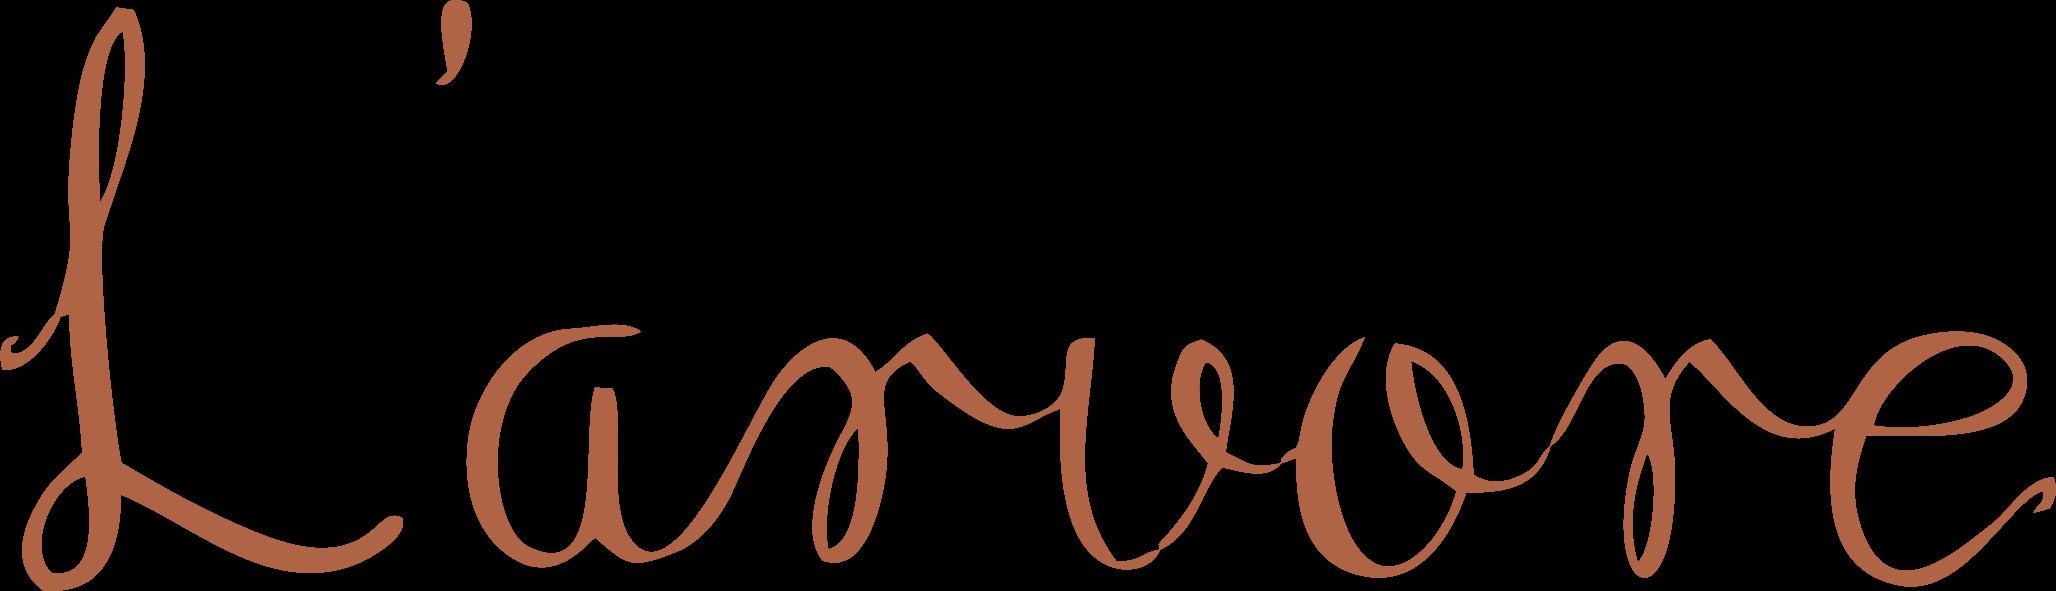 MB Larvore brown